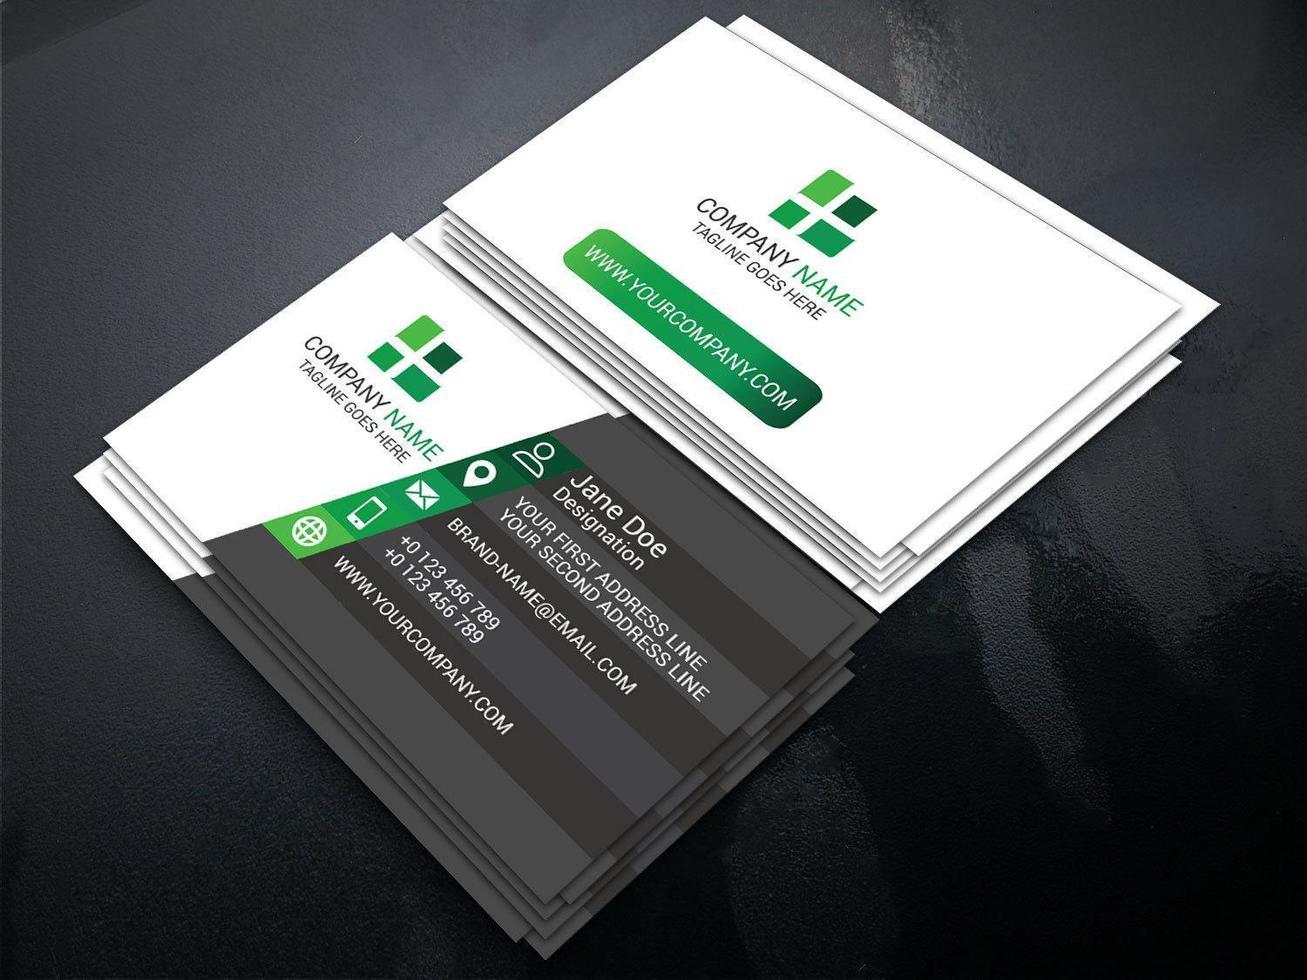 abgewinkelte graue, grüne und weiße Visitenkarte vektor